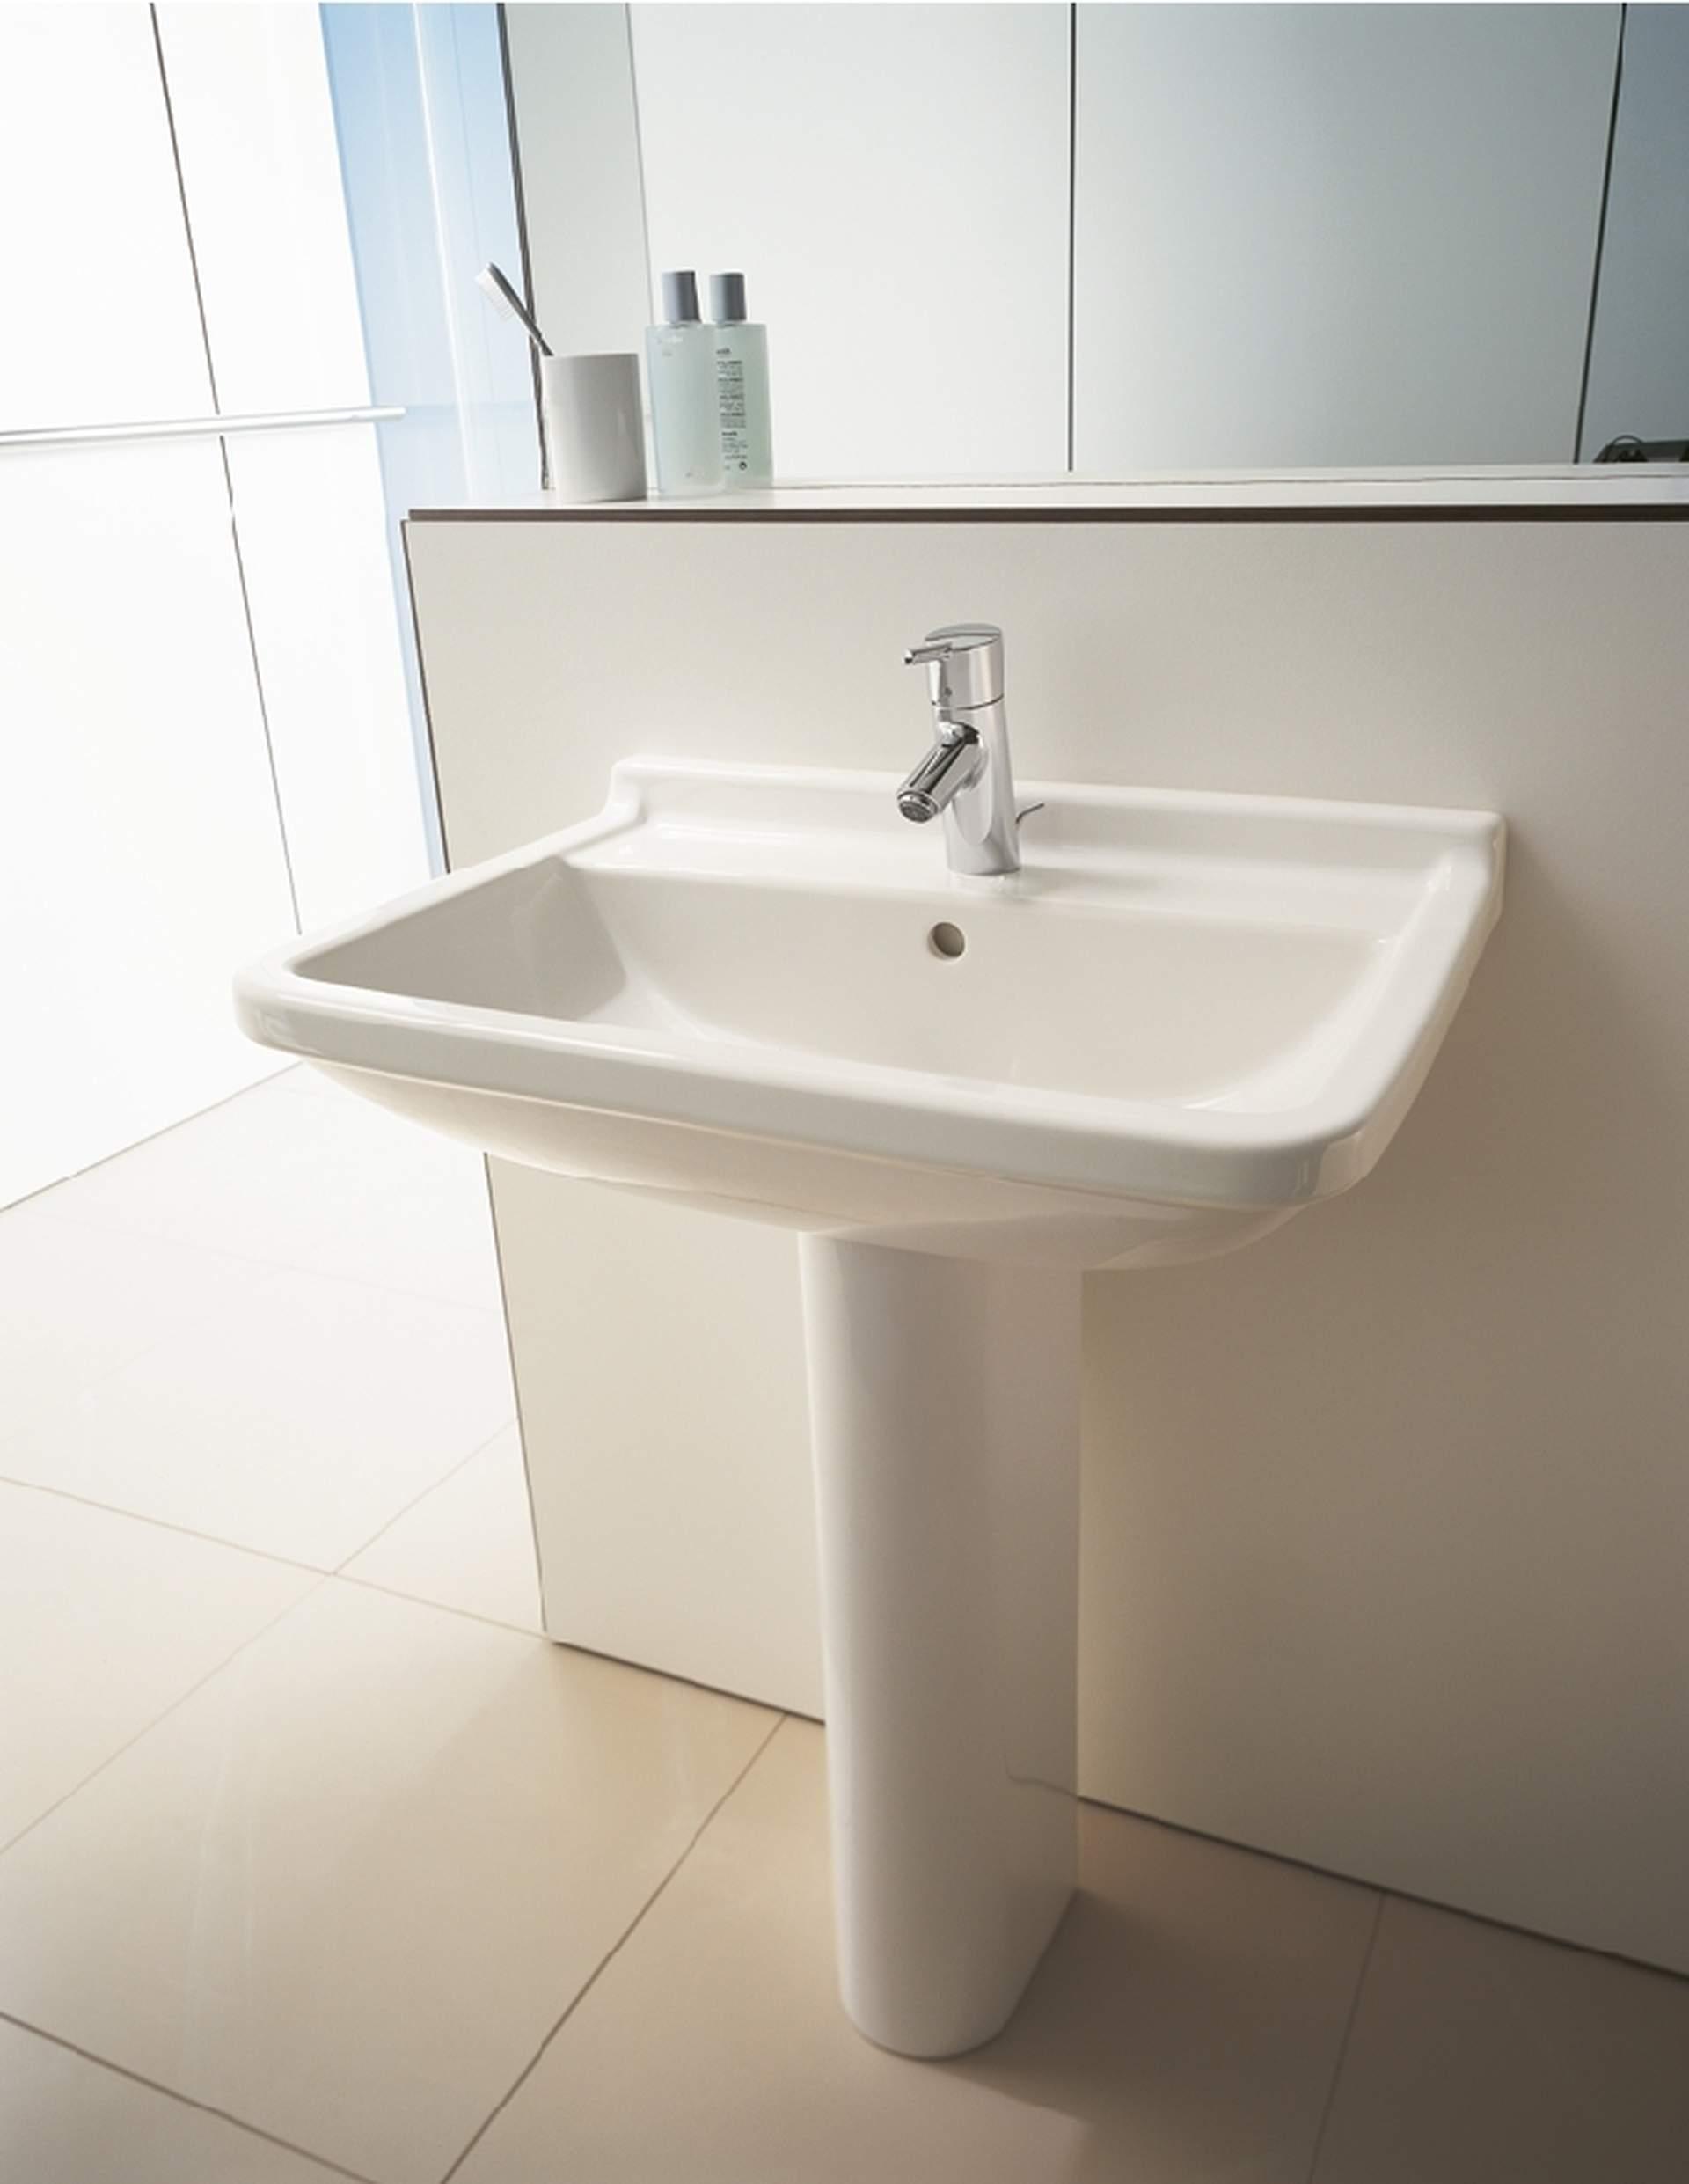 starck 3 lavabo 030065 duravit. Black Bedroom Furniture Sets. Home Design Ideas